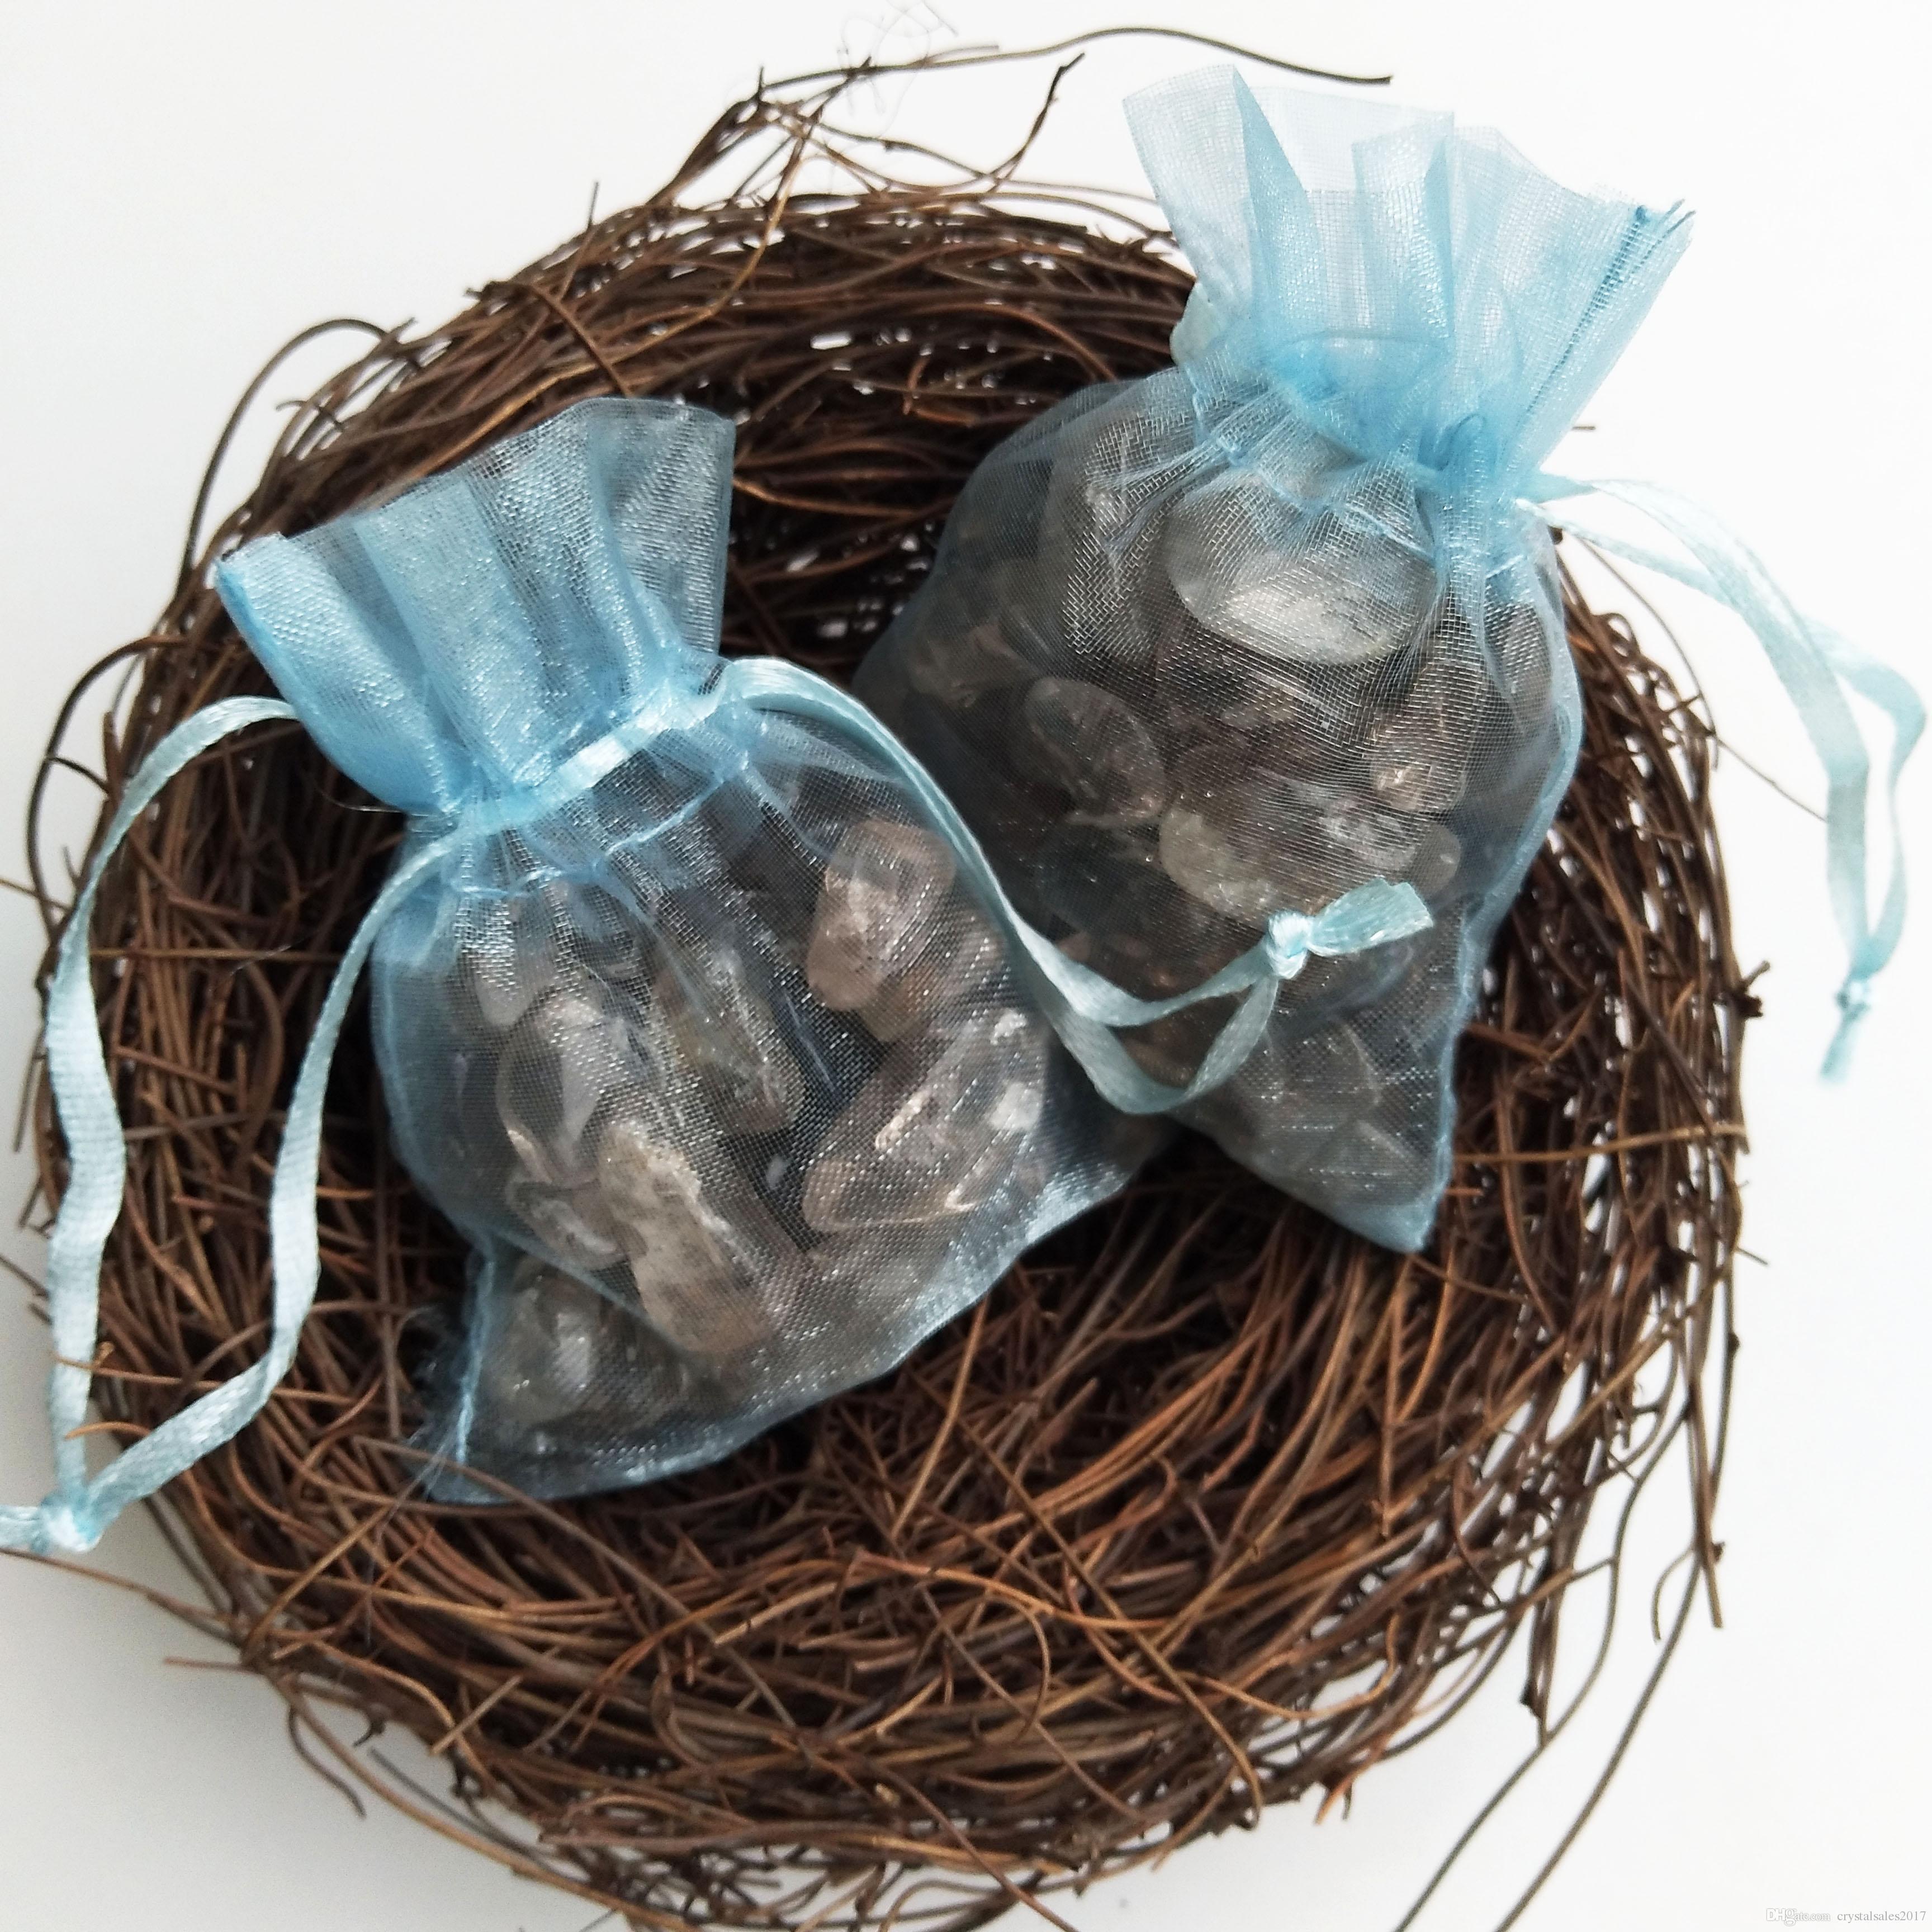 15-30 ملم الطبيعية الدخان الصخور الكوارتز الكريستال حجر الكريستال هبط الحجر غير النظامية هدية صغيرة الحجم الشفاء كريستال